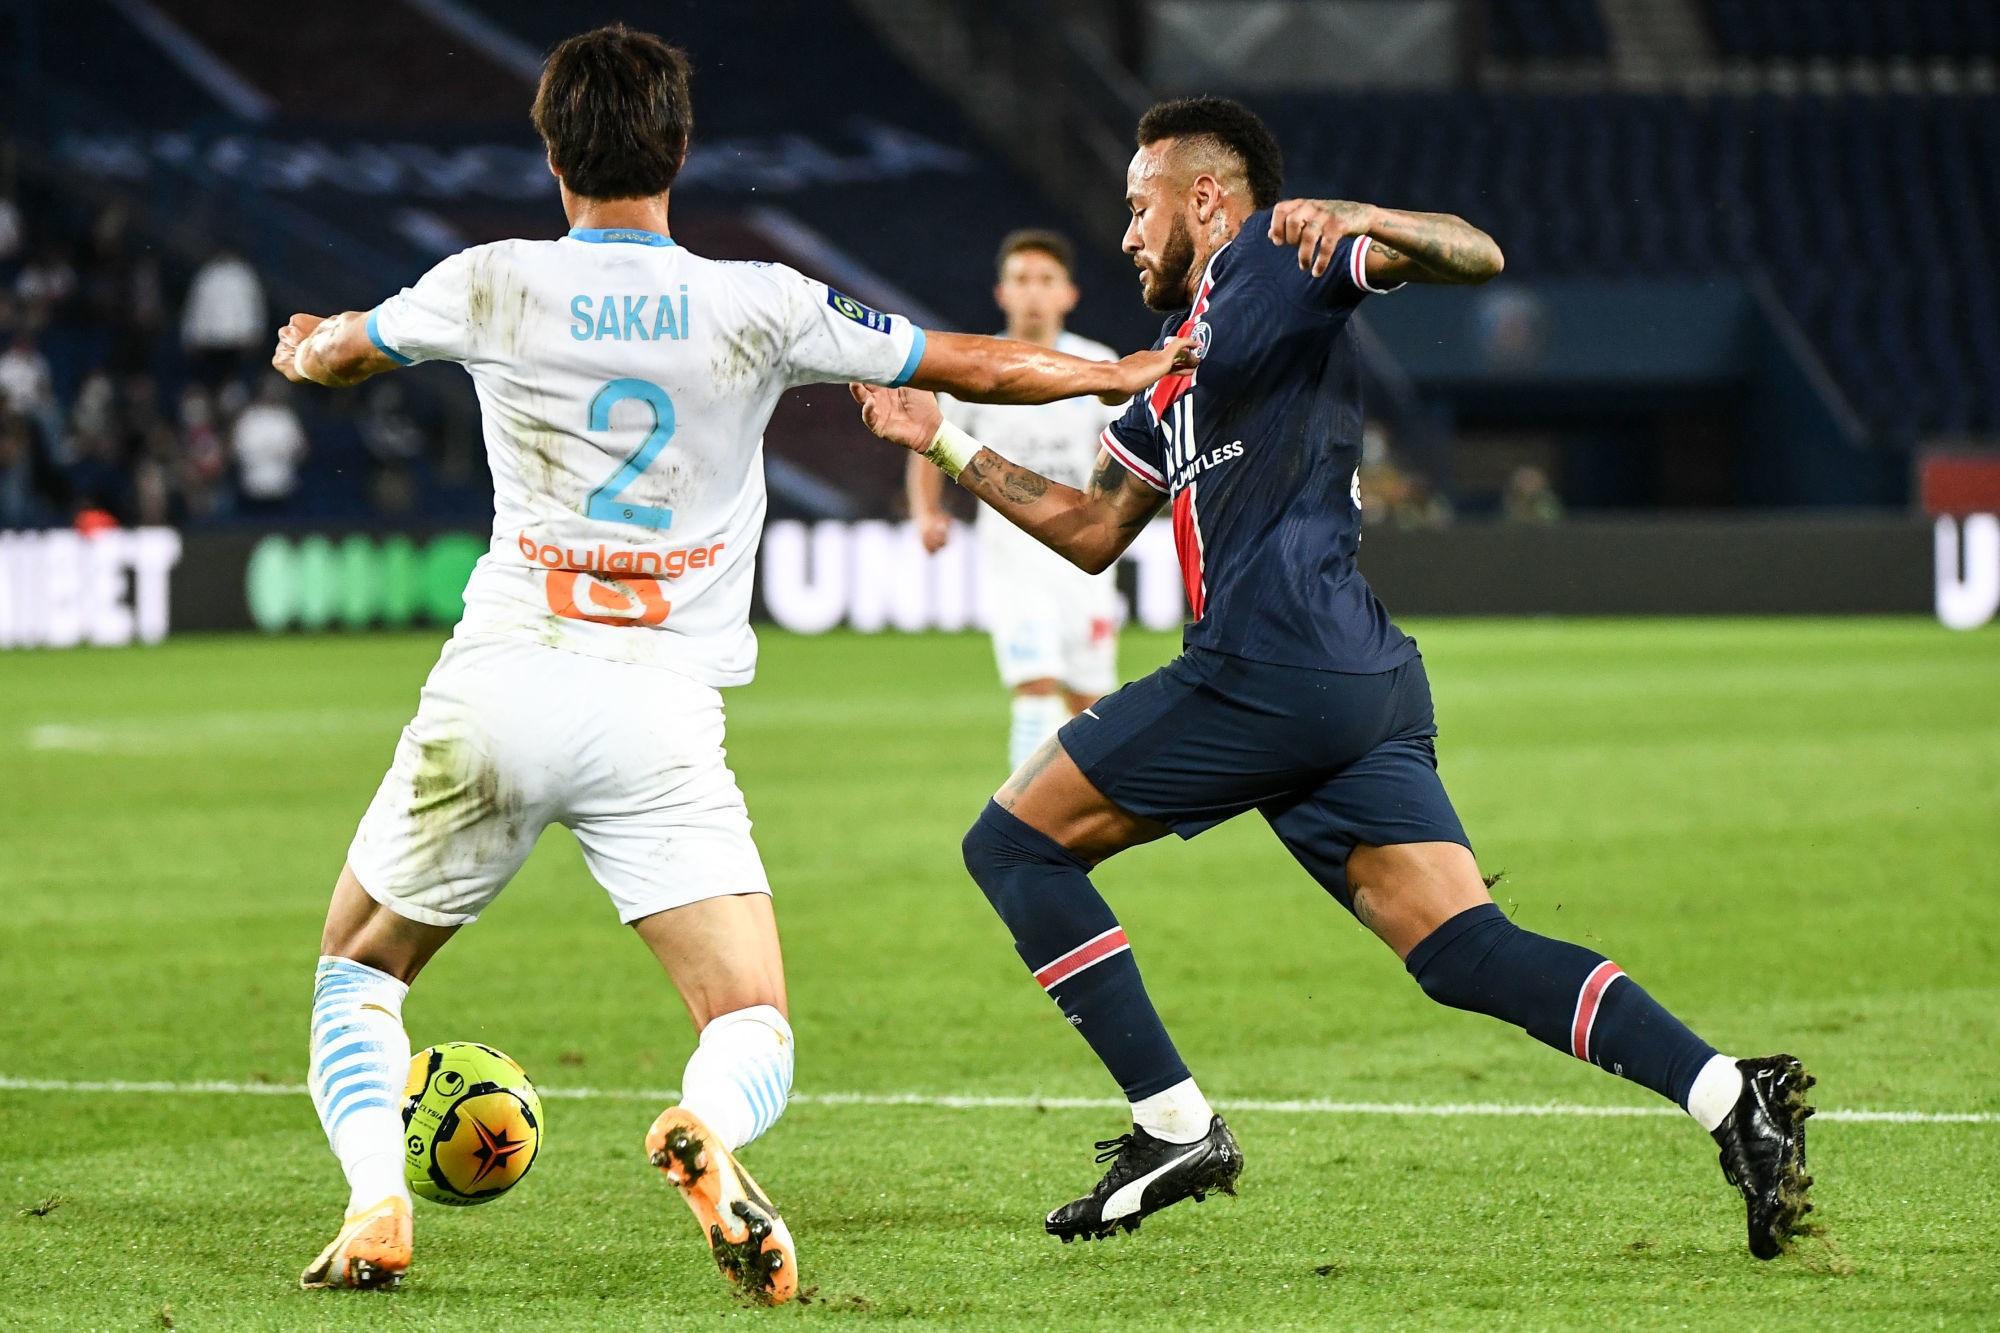 """L'OM ne confirme pas l'injure raciste de Neymar à l'encontre de Sakai, mais serait """"optimiste"""""""